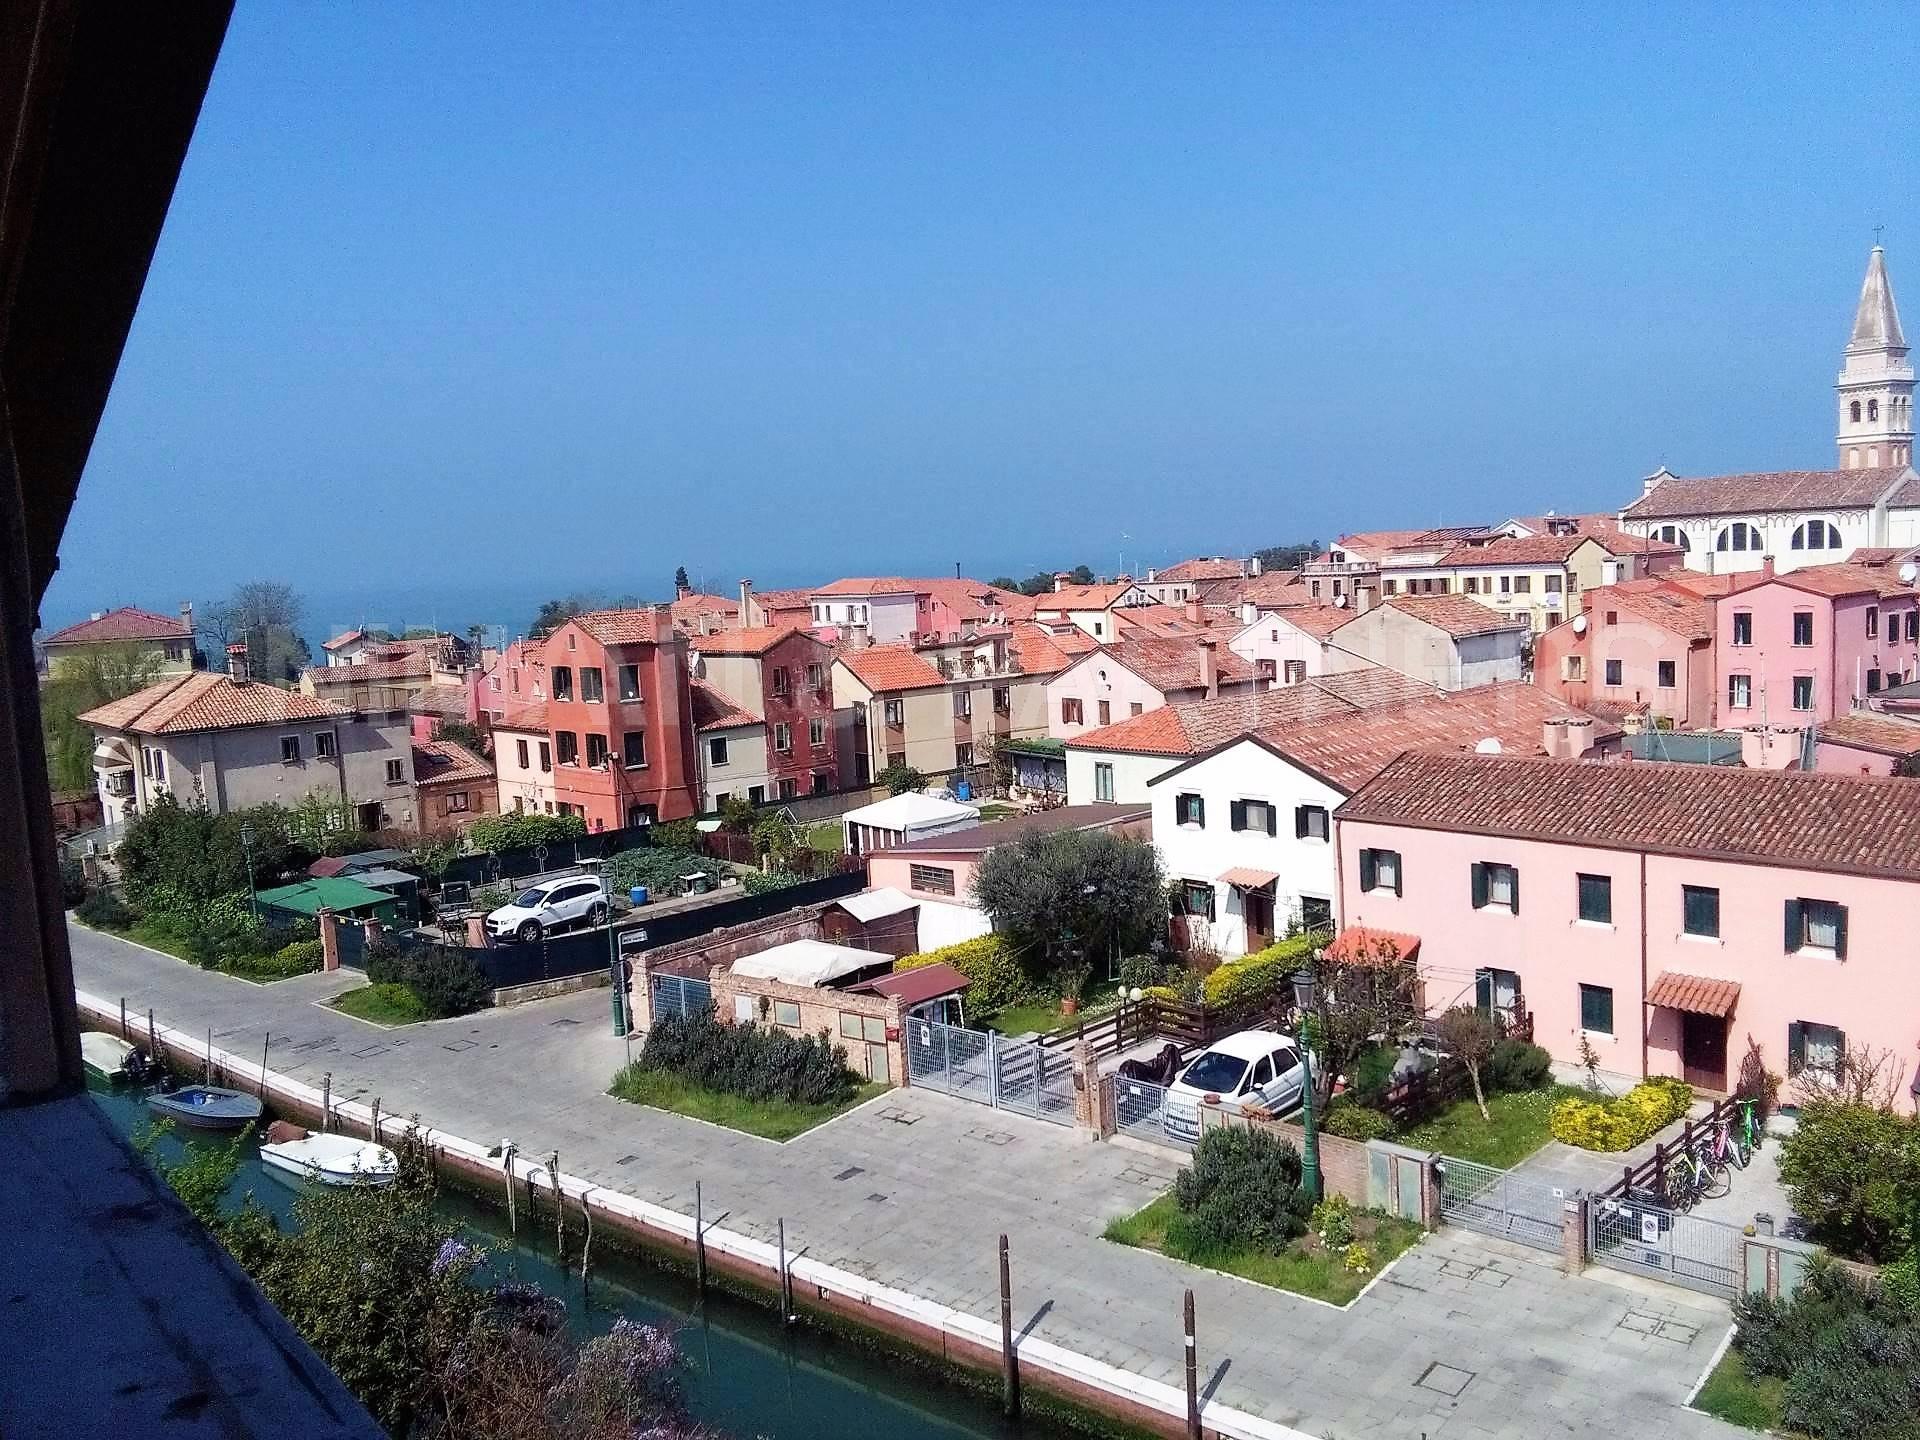 Appartamento in vendita a Venezia, 2 locali, zona Zona: 8 . Lido, prezzo € 180.000 | CambioCasa.it